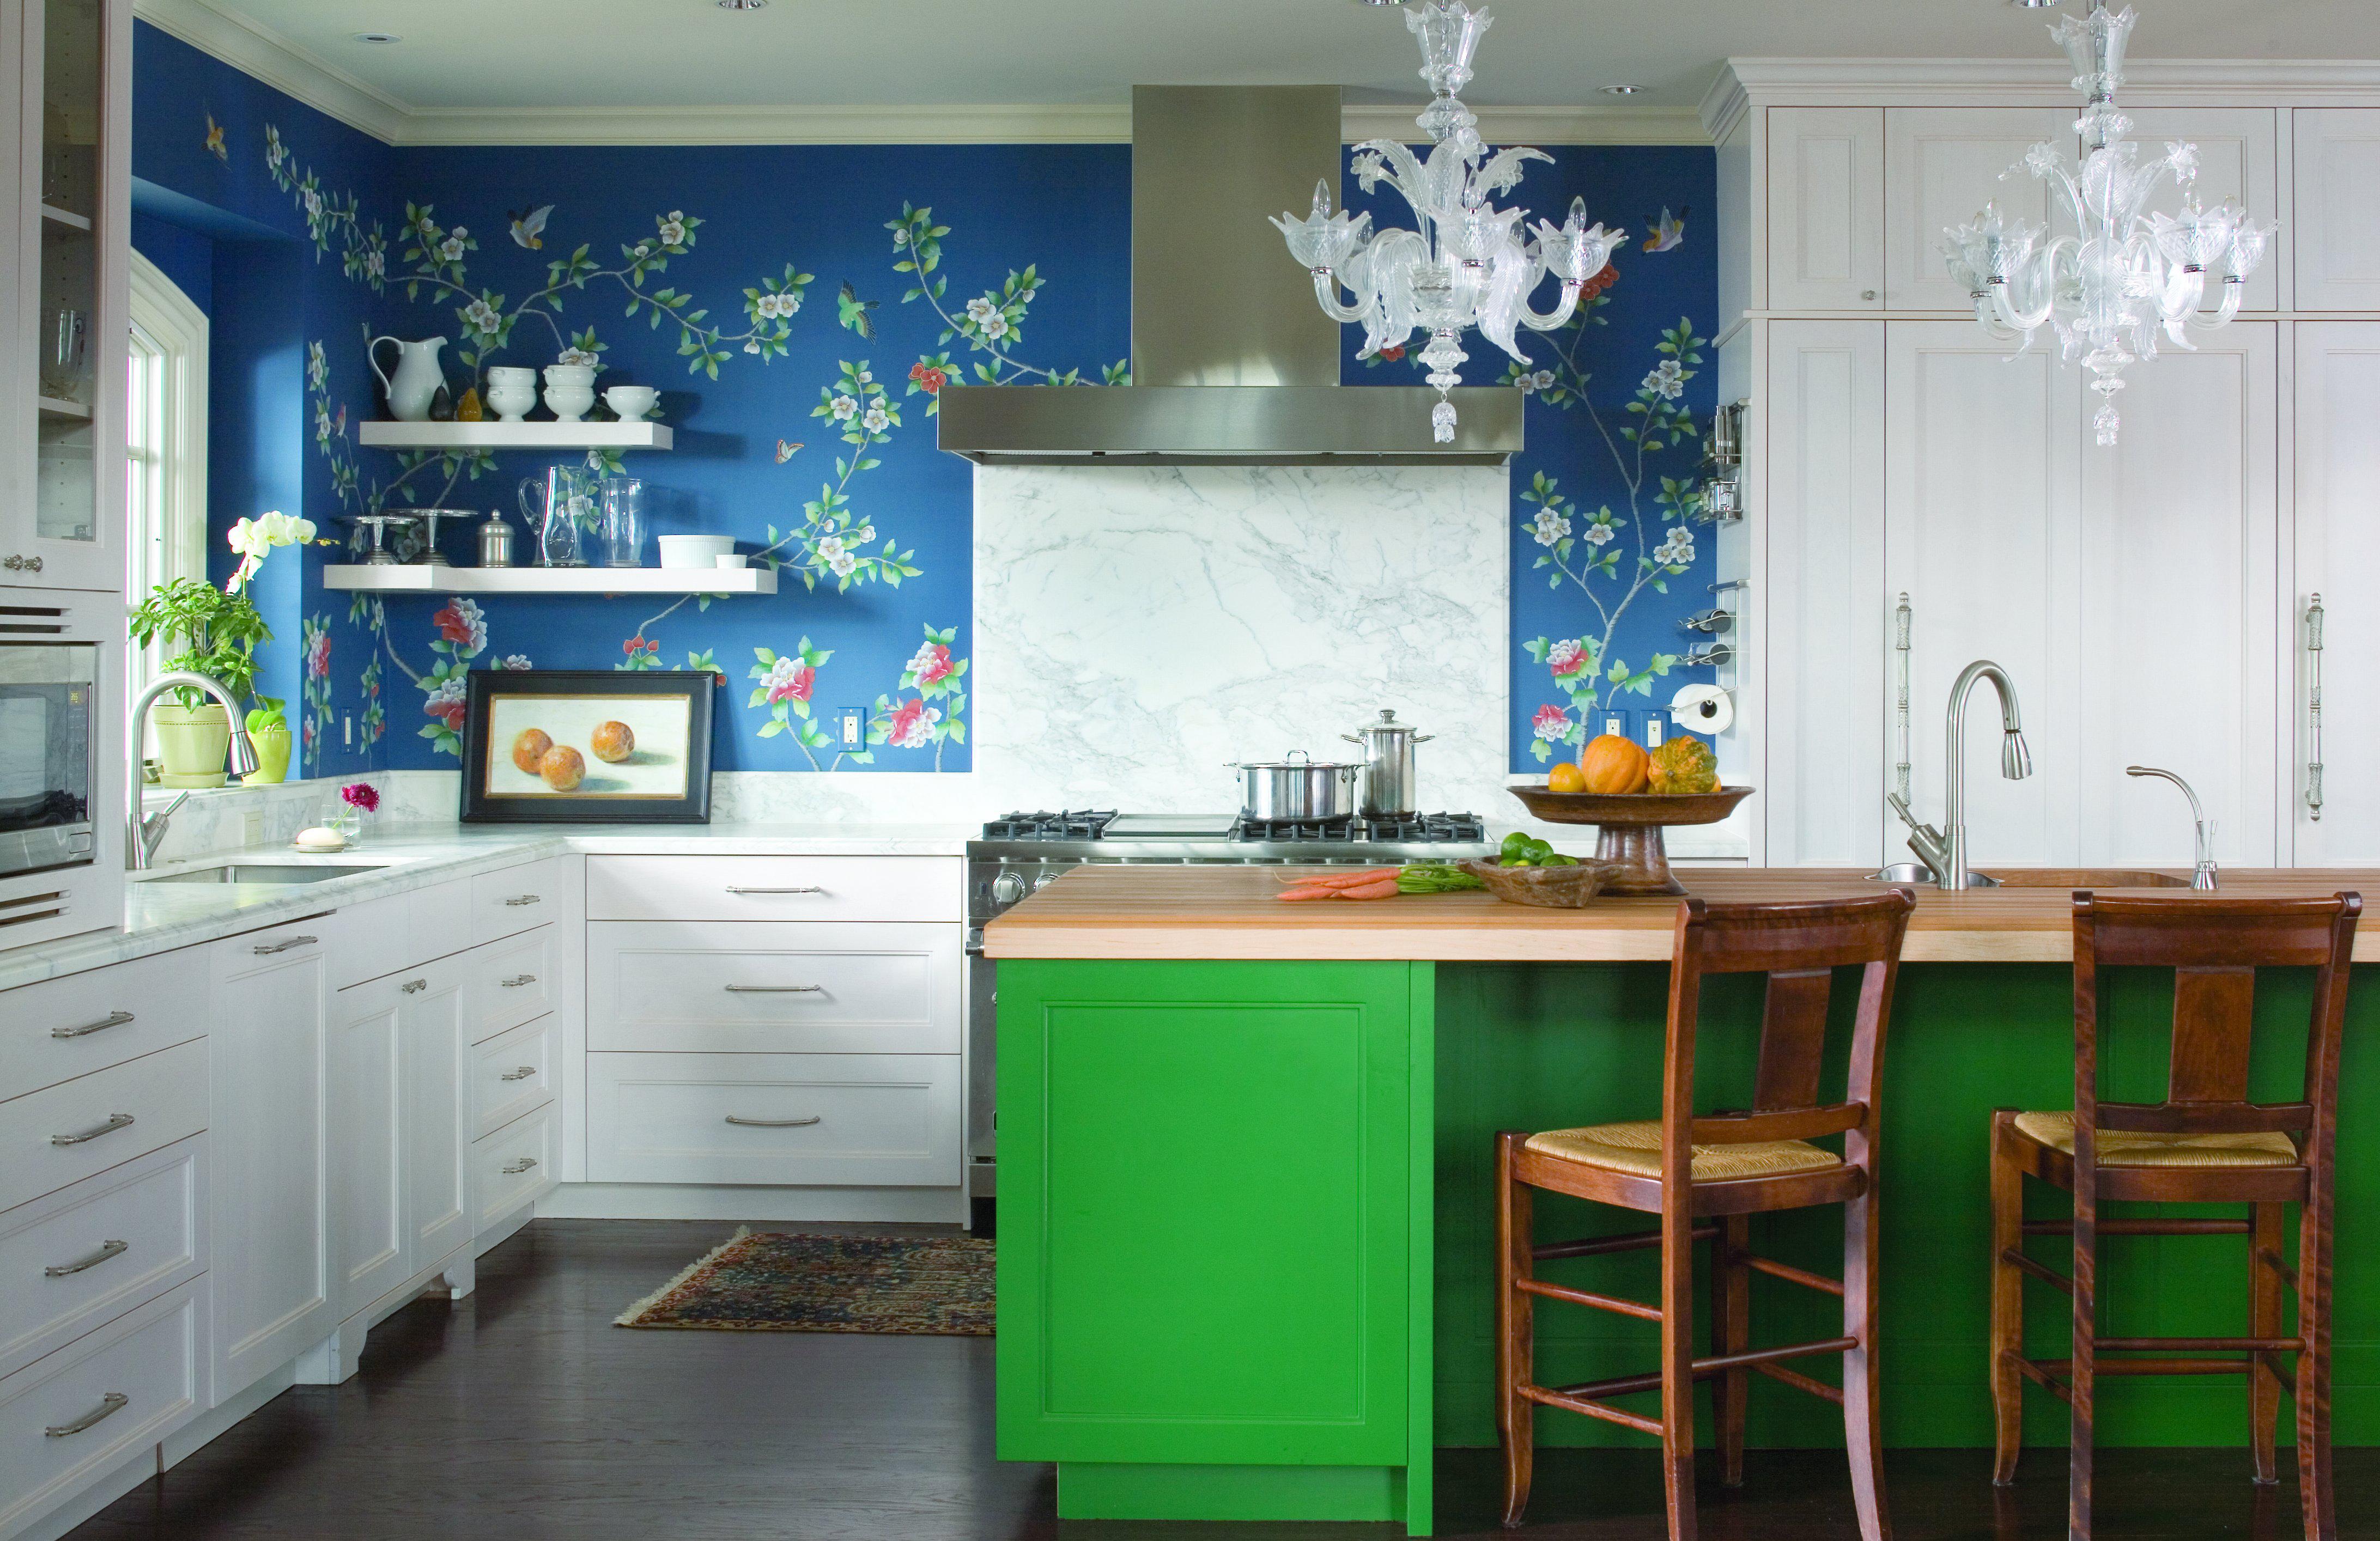 Чем закрасить темно-синий цвет на кухне